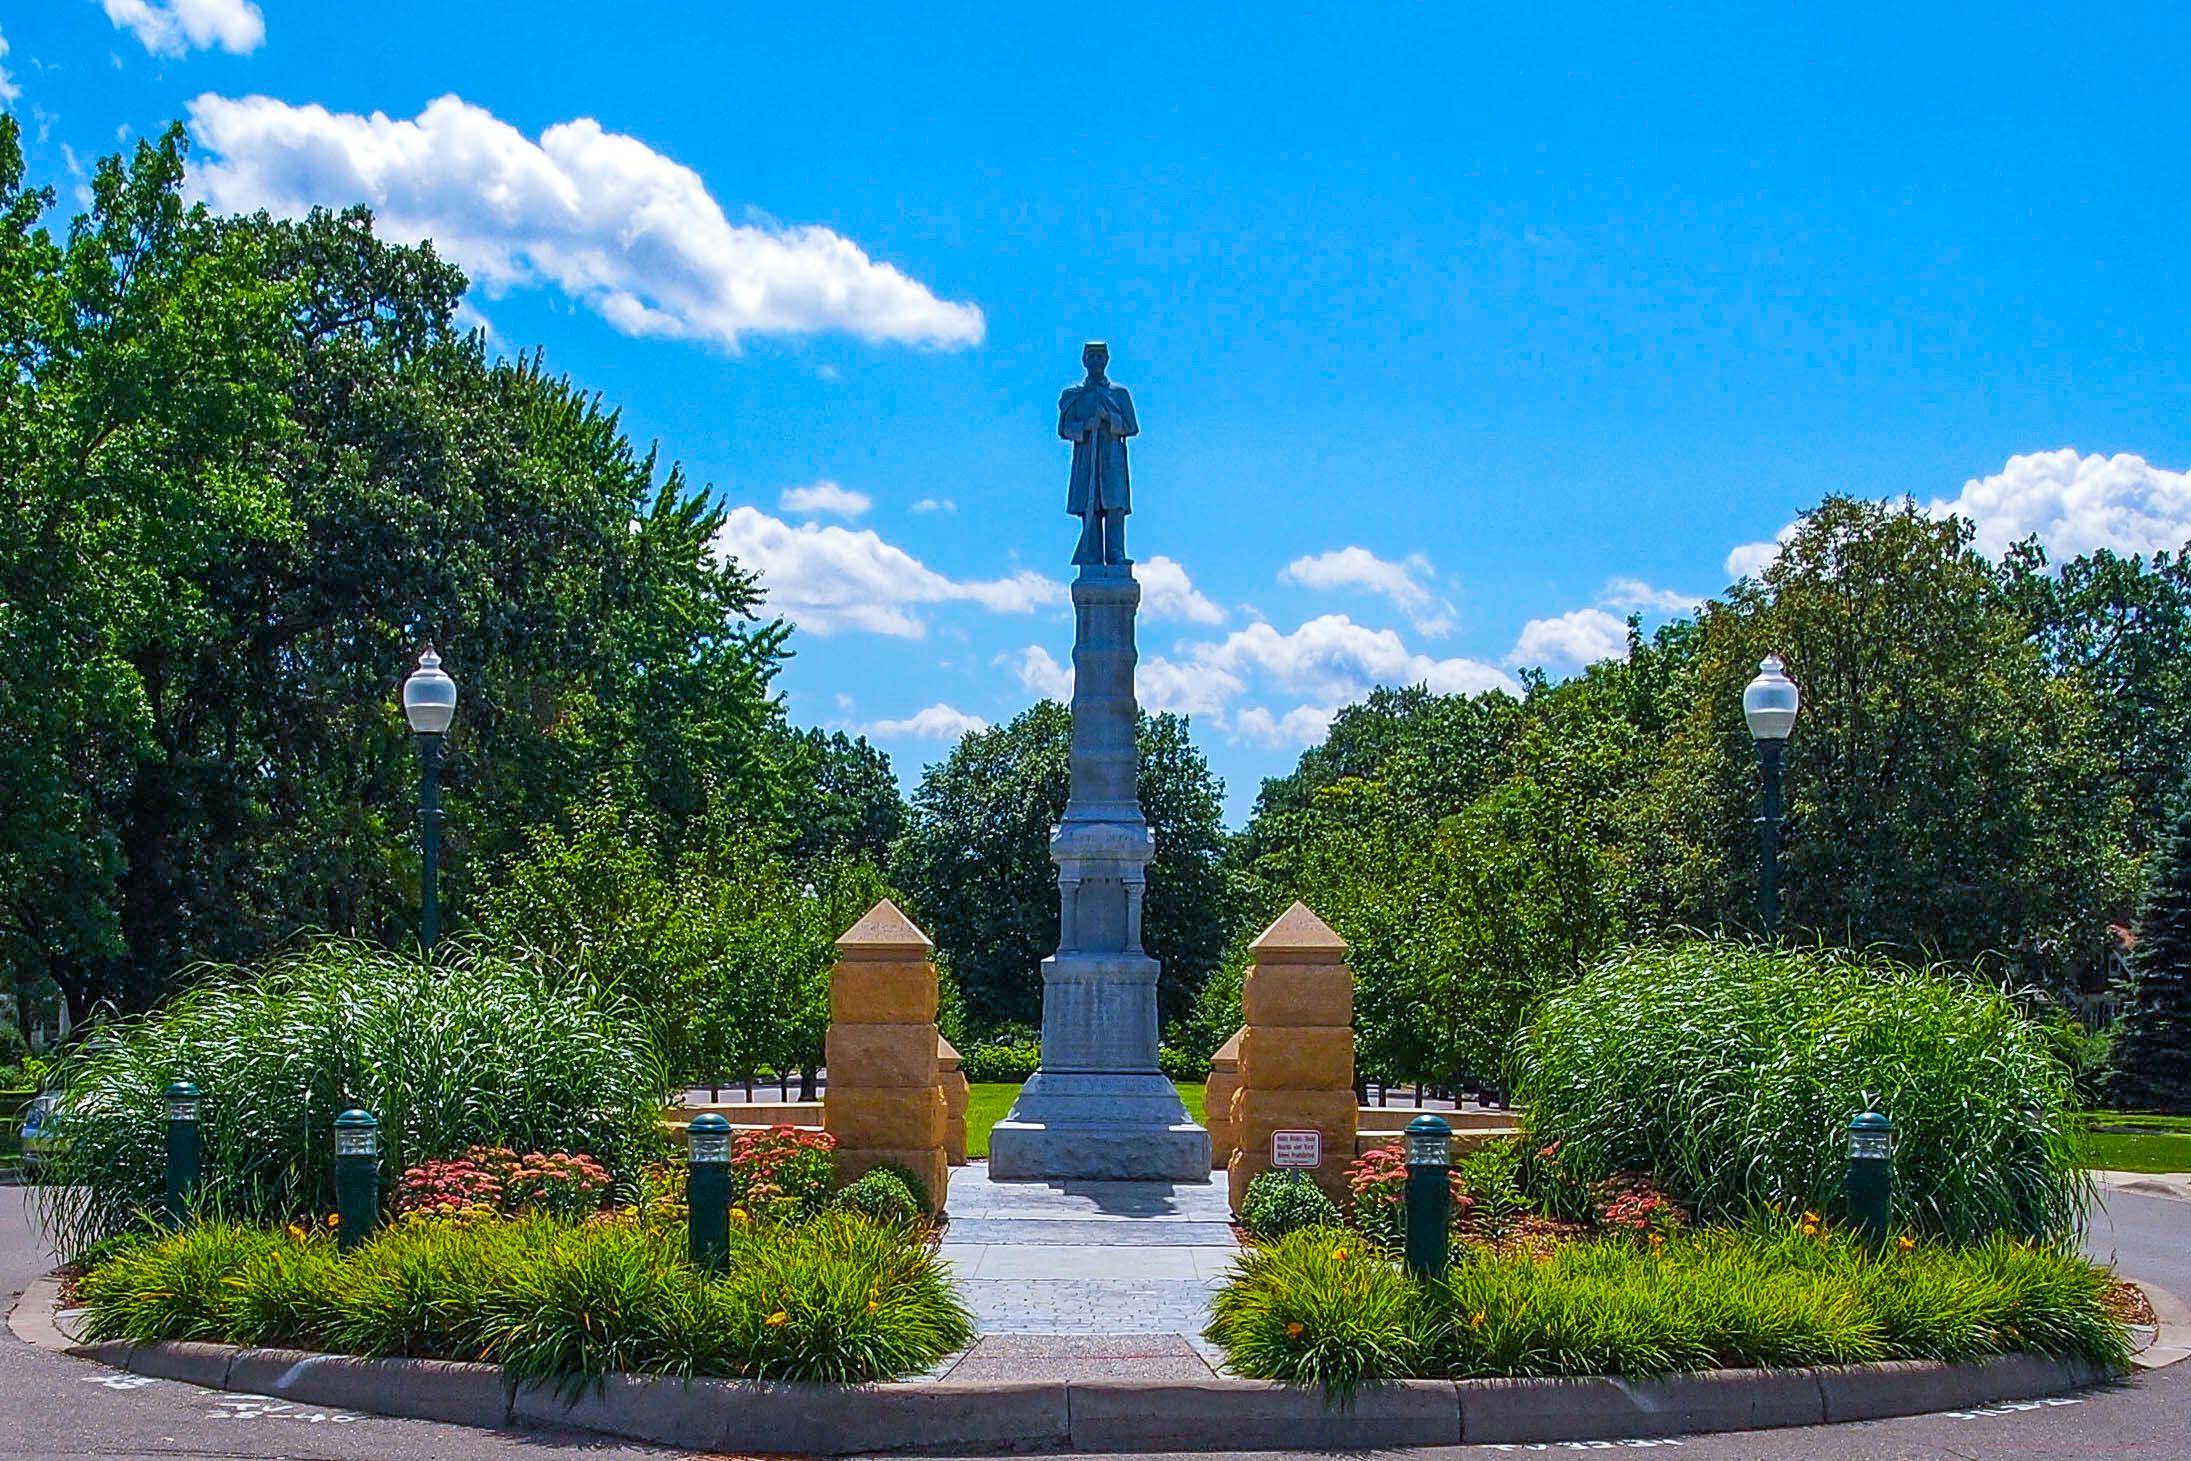 Clark Avenue Monument